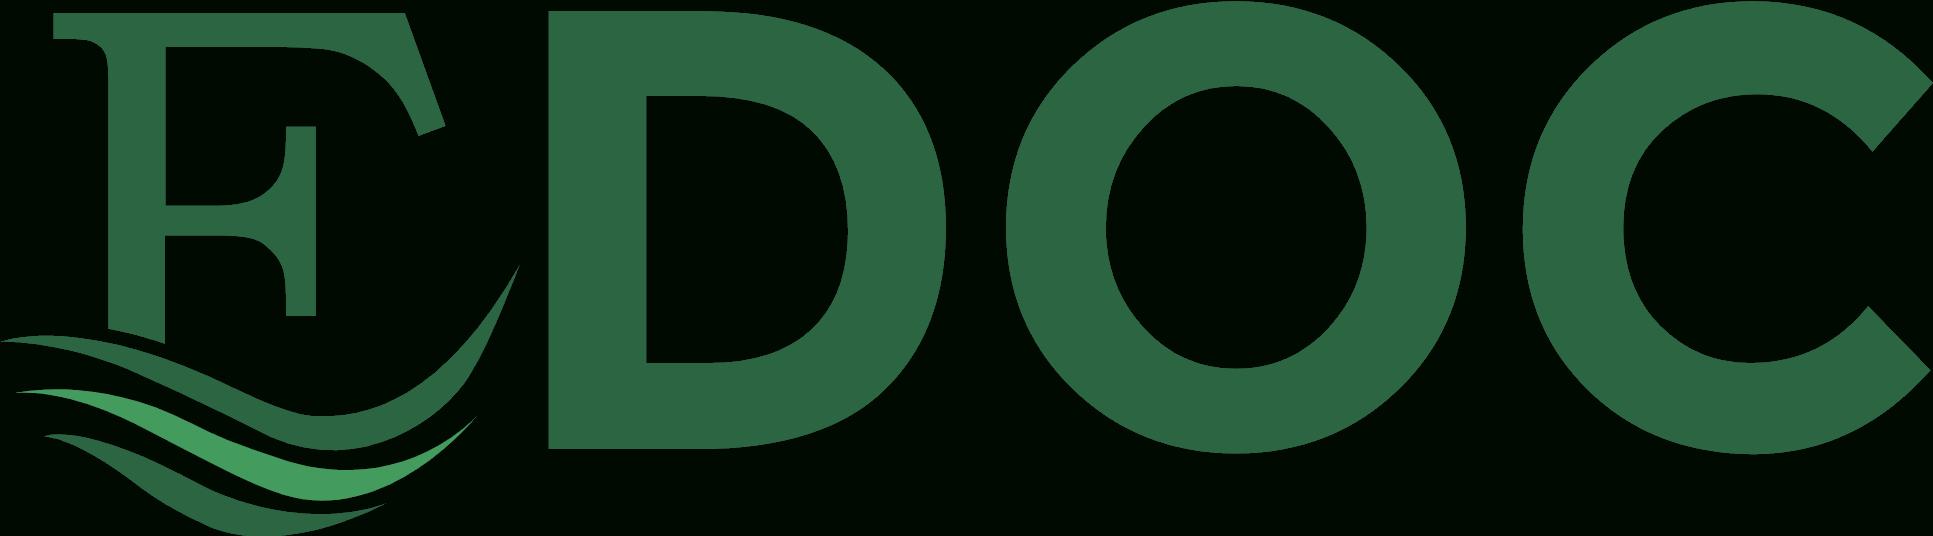 Anchor Block Design Spreadsheet Throughout Thrust Block Design.xls  Pdf Free Download Anchor Block Design Spreadsheet Printable Spreadshee Printable Spreadshee anchor block design spreadsheet